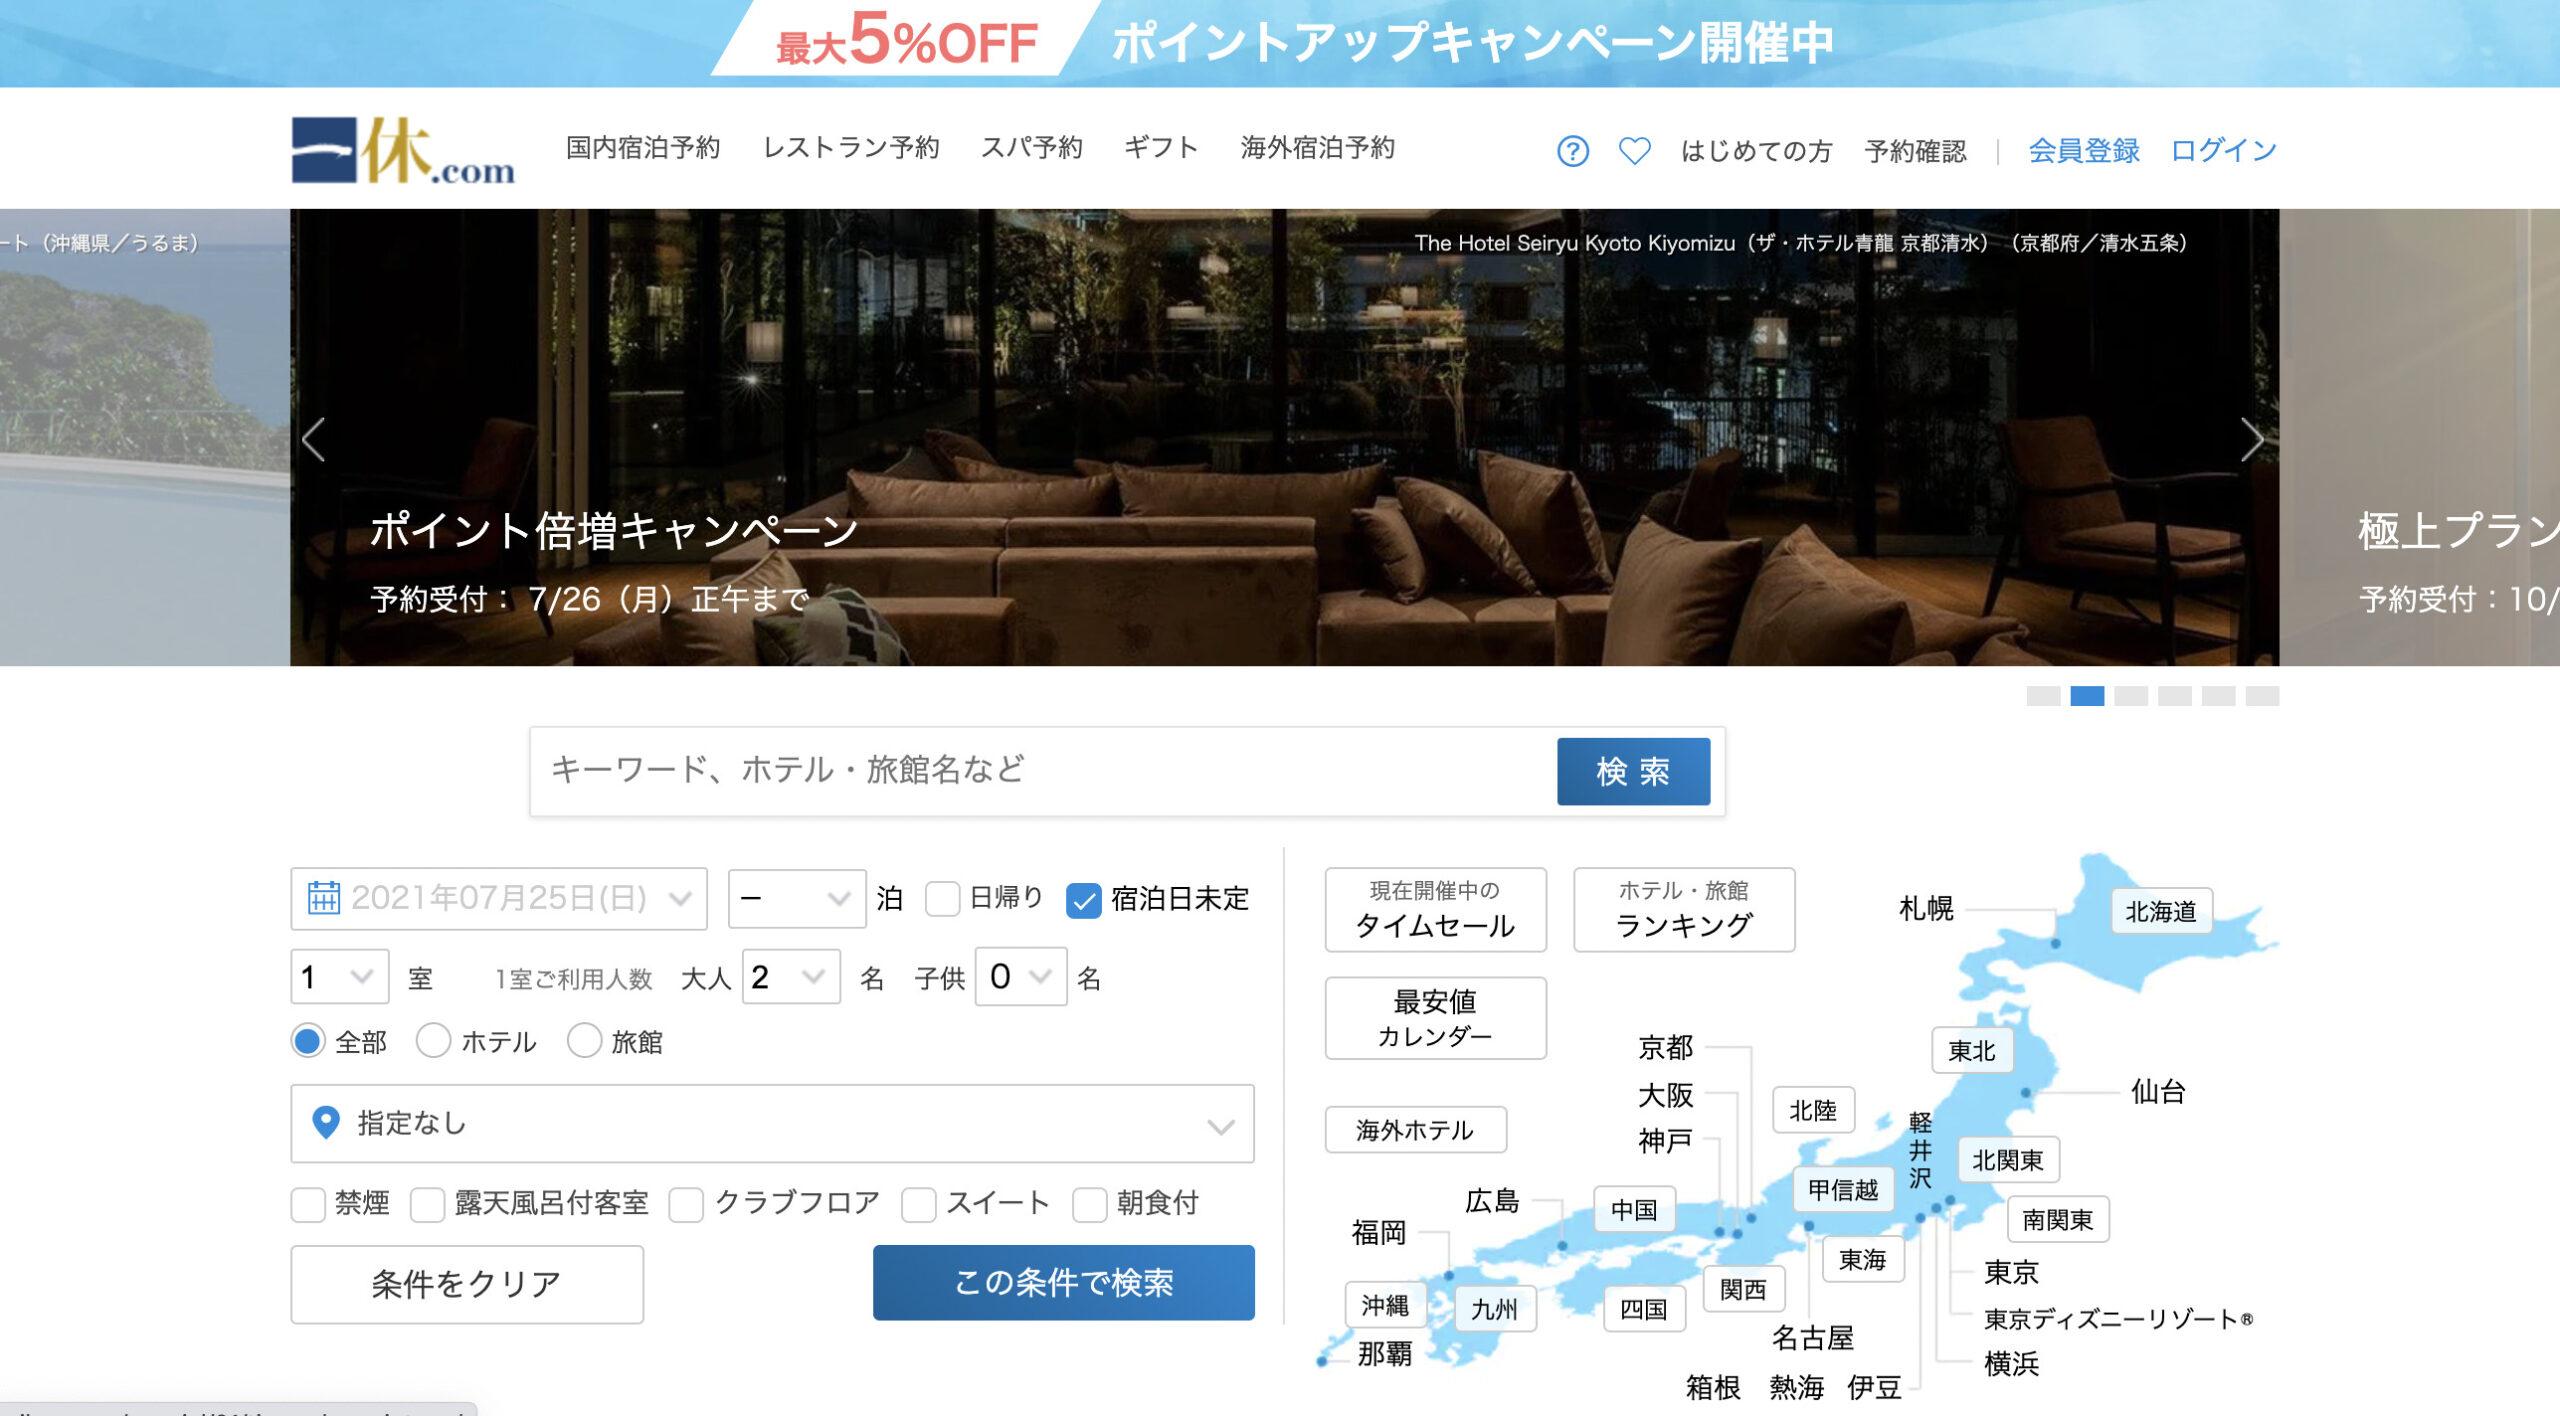 一休.com とは